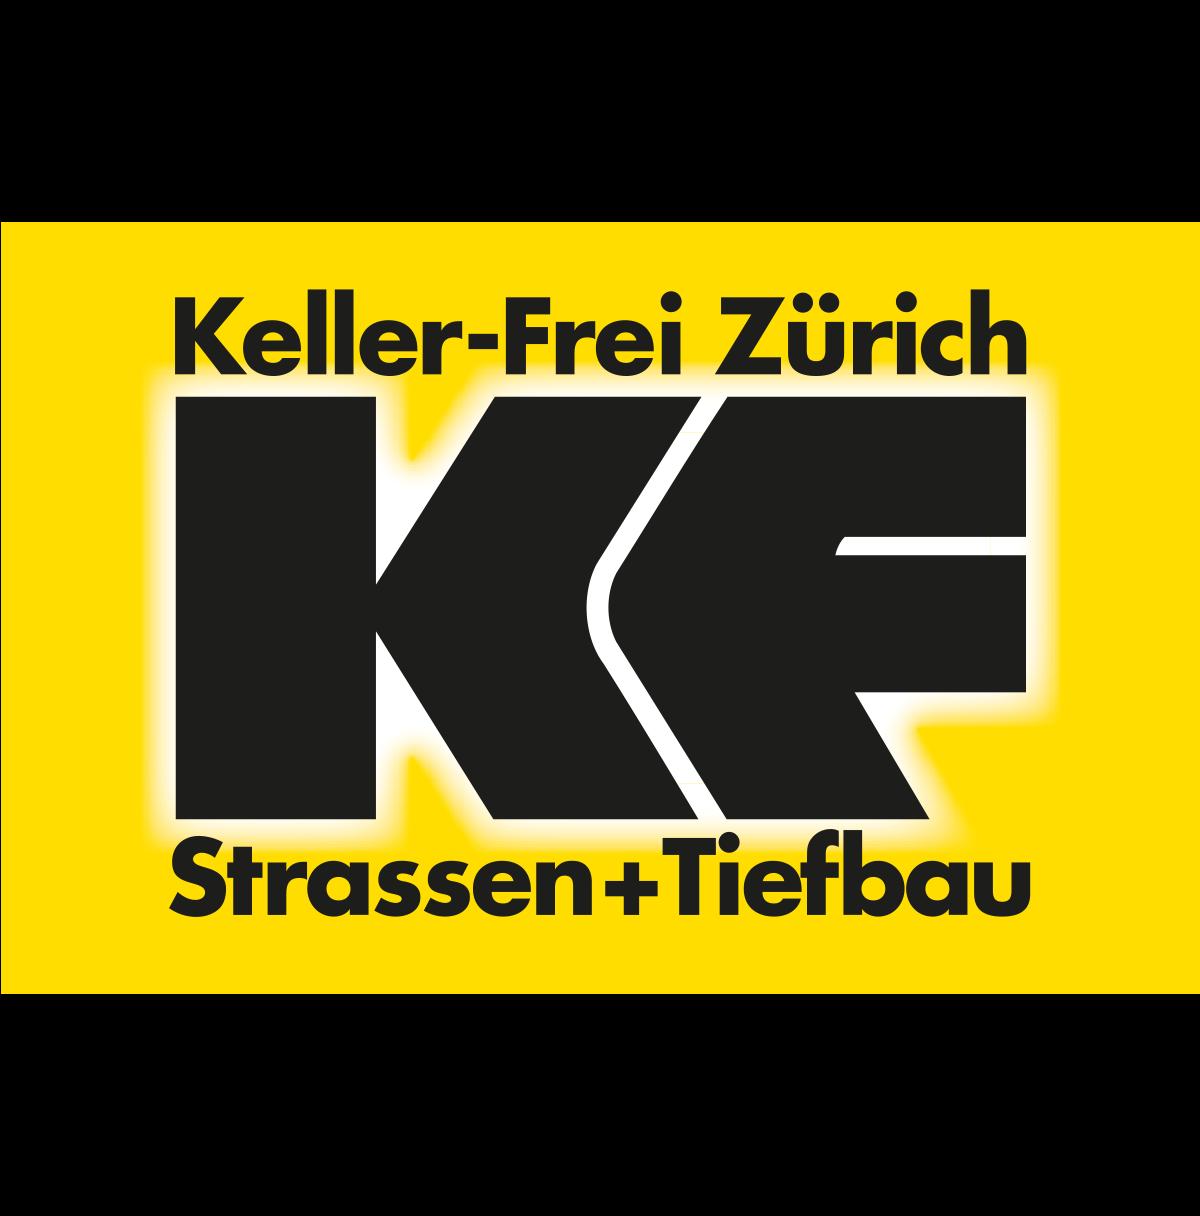 Keller-Frei